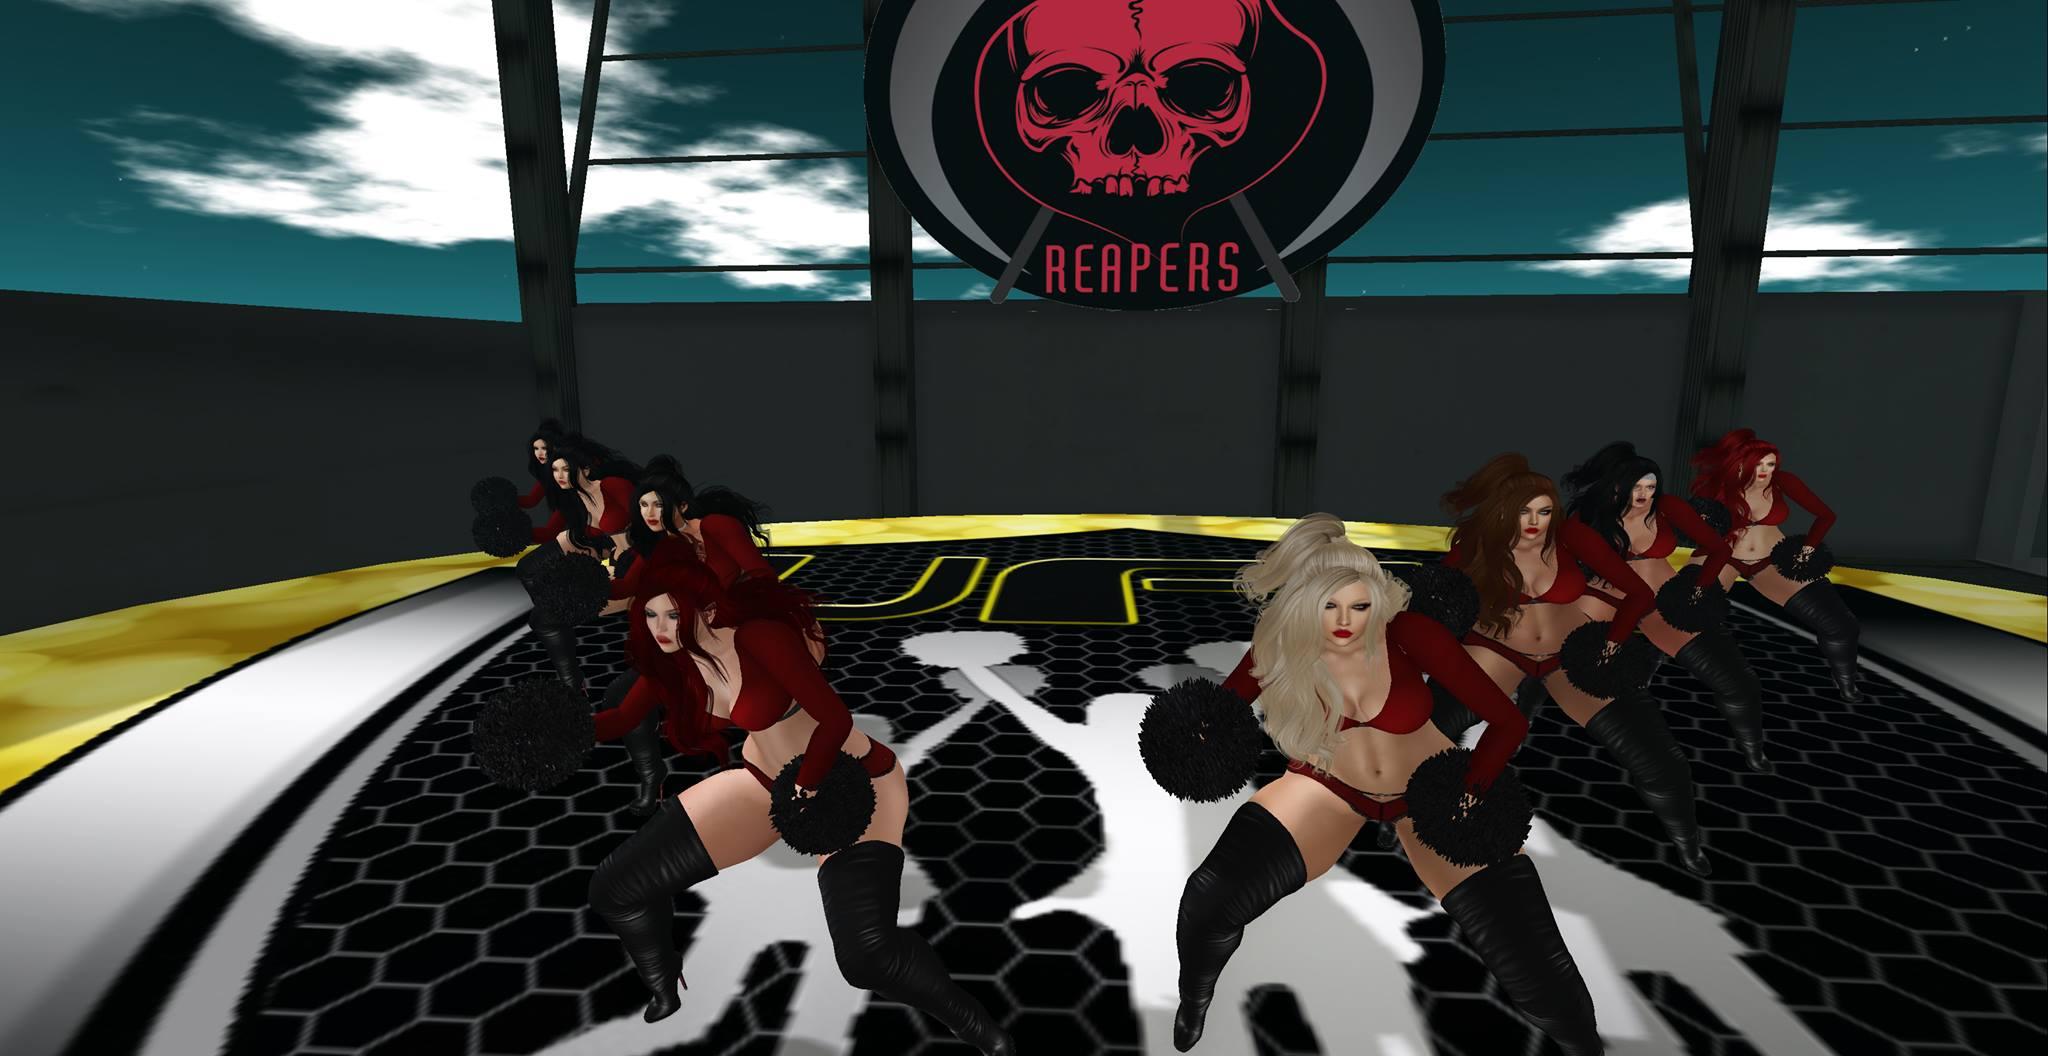 Reapers Cheerleaders